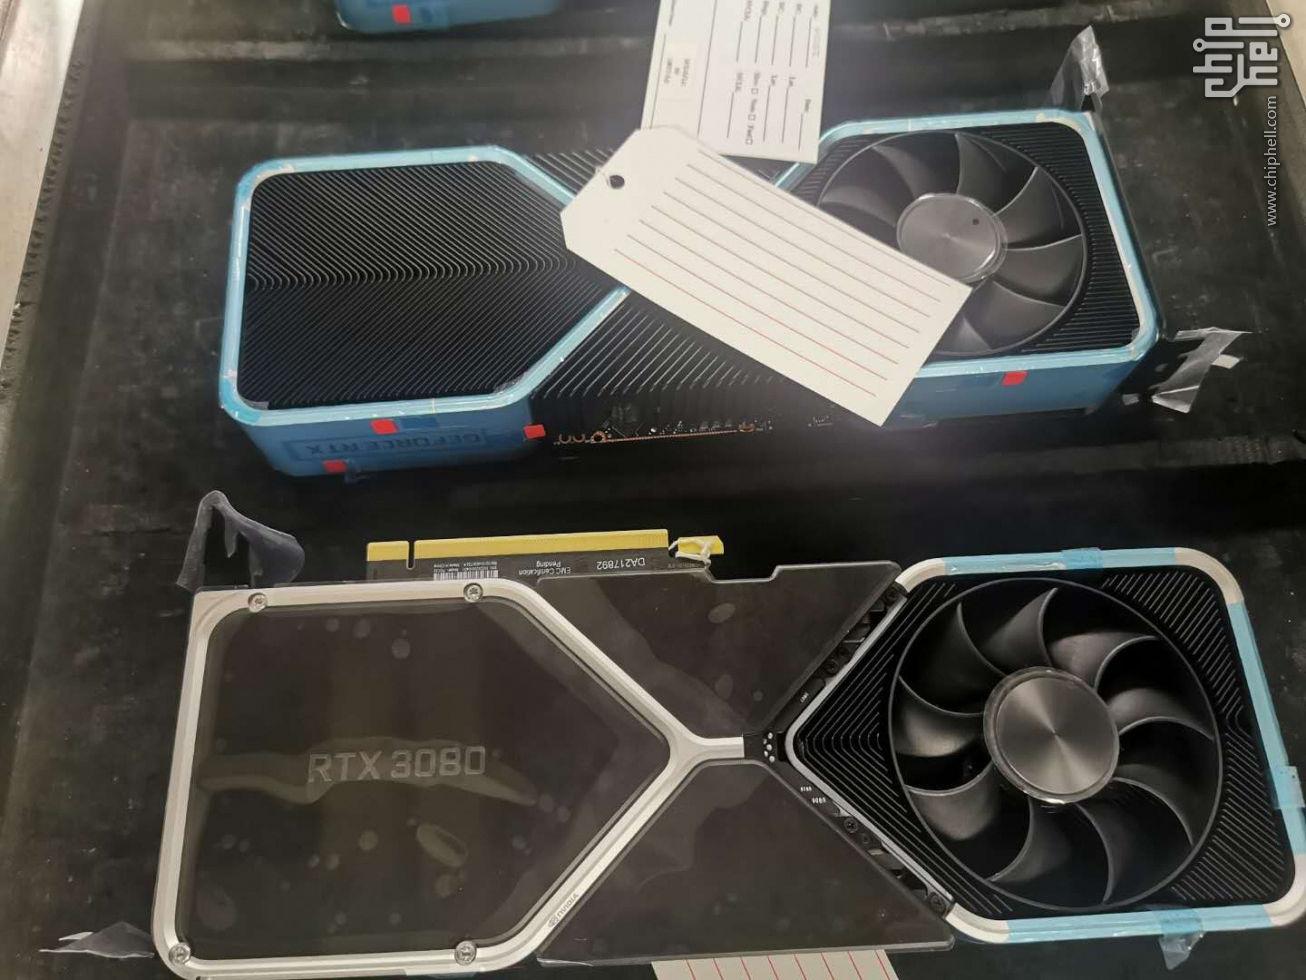 Nvidia раскрывает особенности эталонных GeForce RTX 3000 в свежем видеоролике